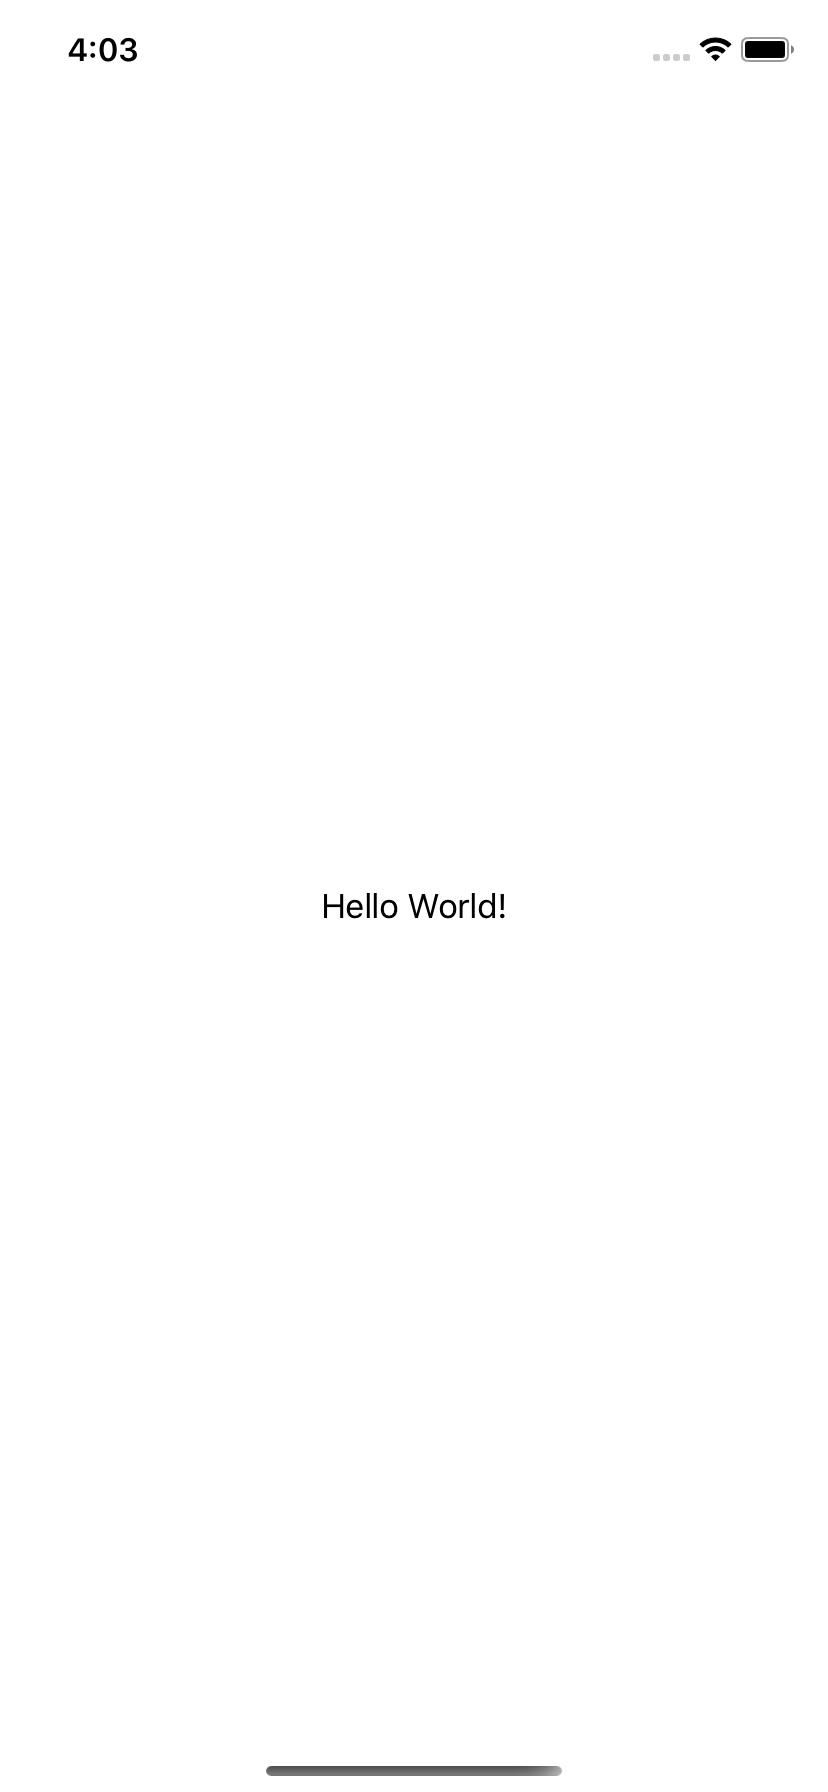 HelloWorld iOS